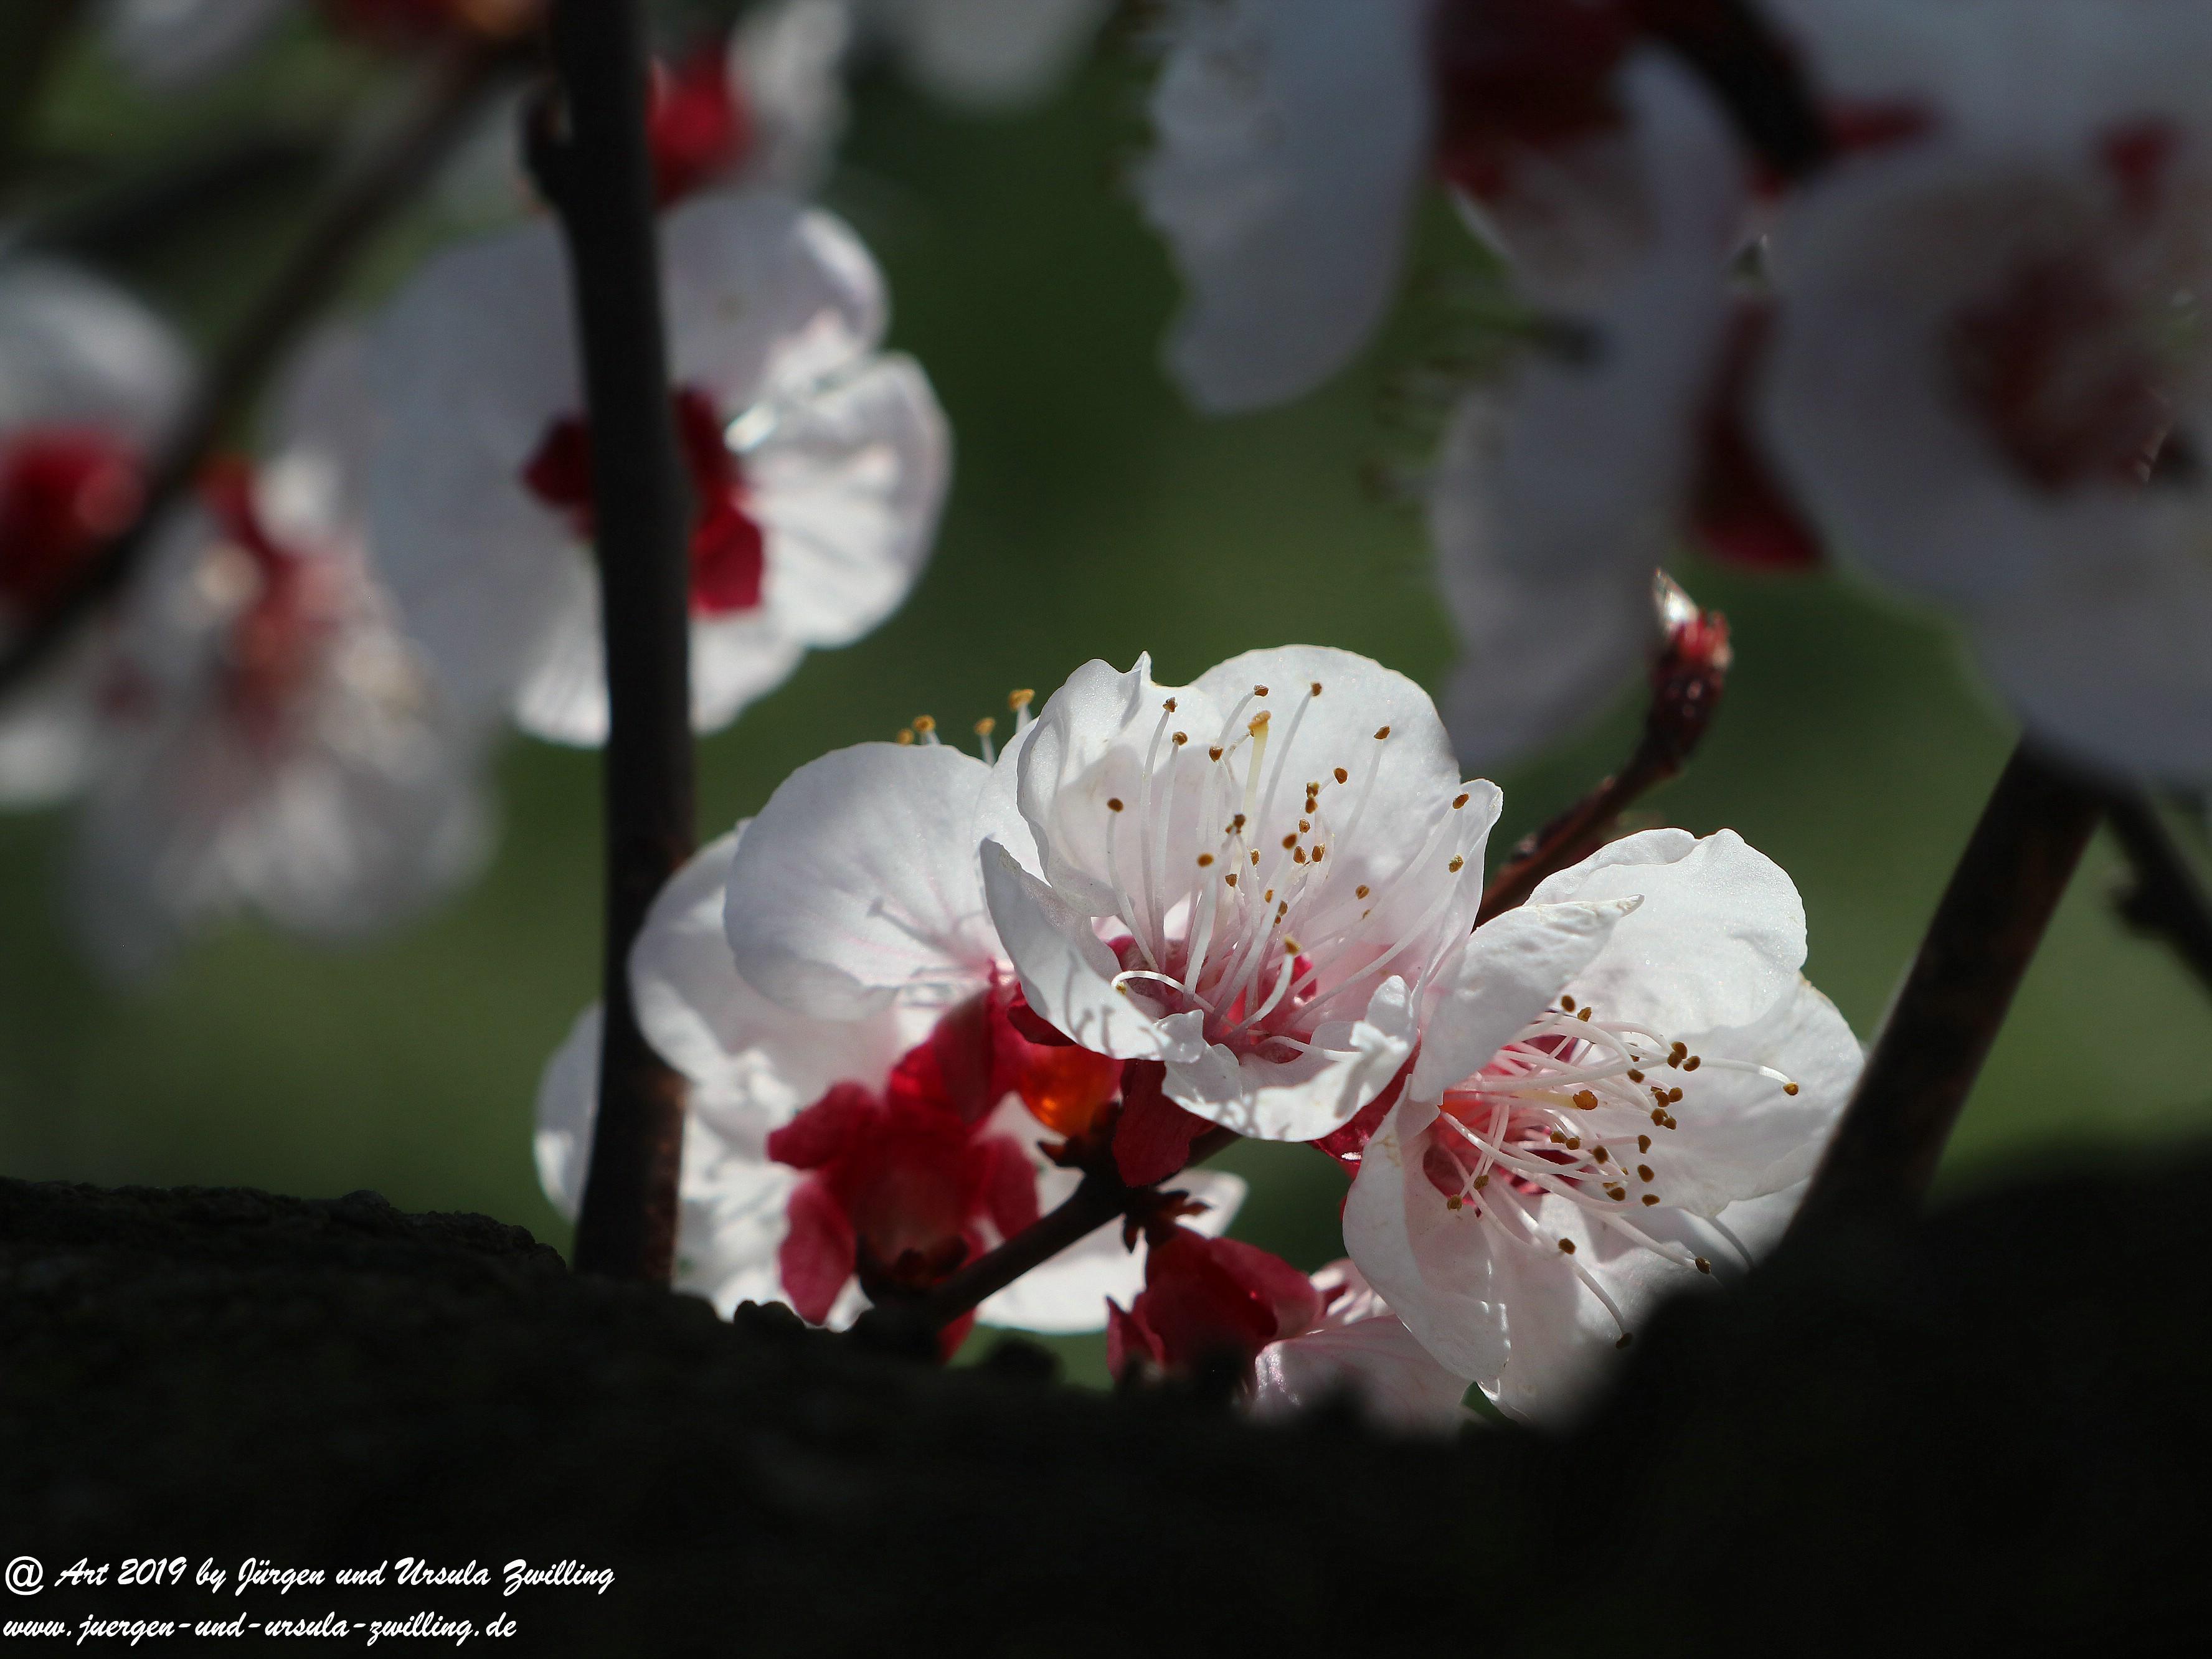 Aprikosenblüten 20